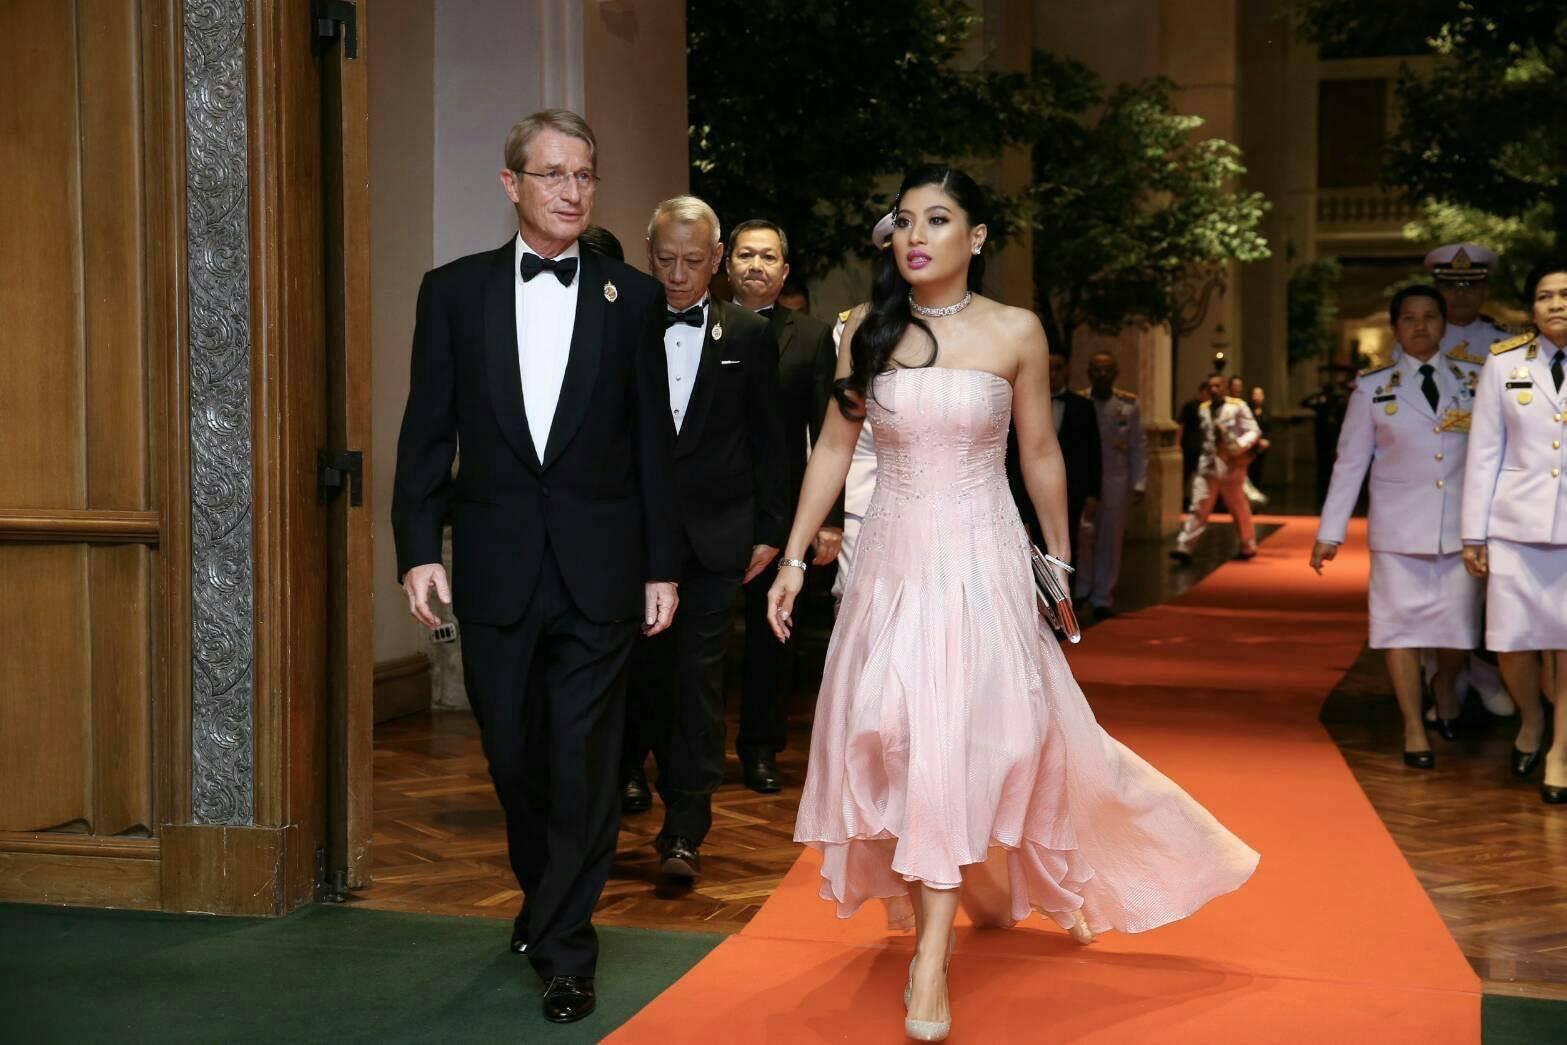 Hai nàng công chúa Thái Lan lại gây sốt với vẻ ngoài trái ngược nhau: Người sang chảnh quyến rũ, người thanh lịch khiêm nhường  - Ảnh 5.